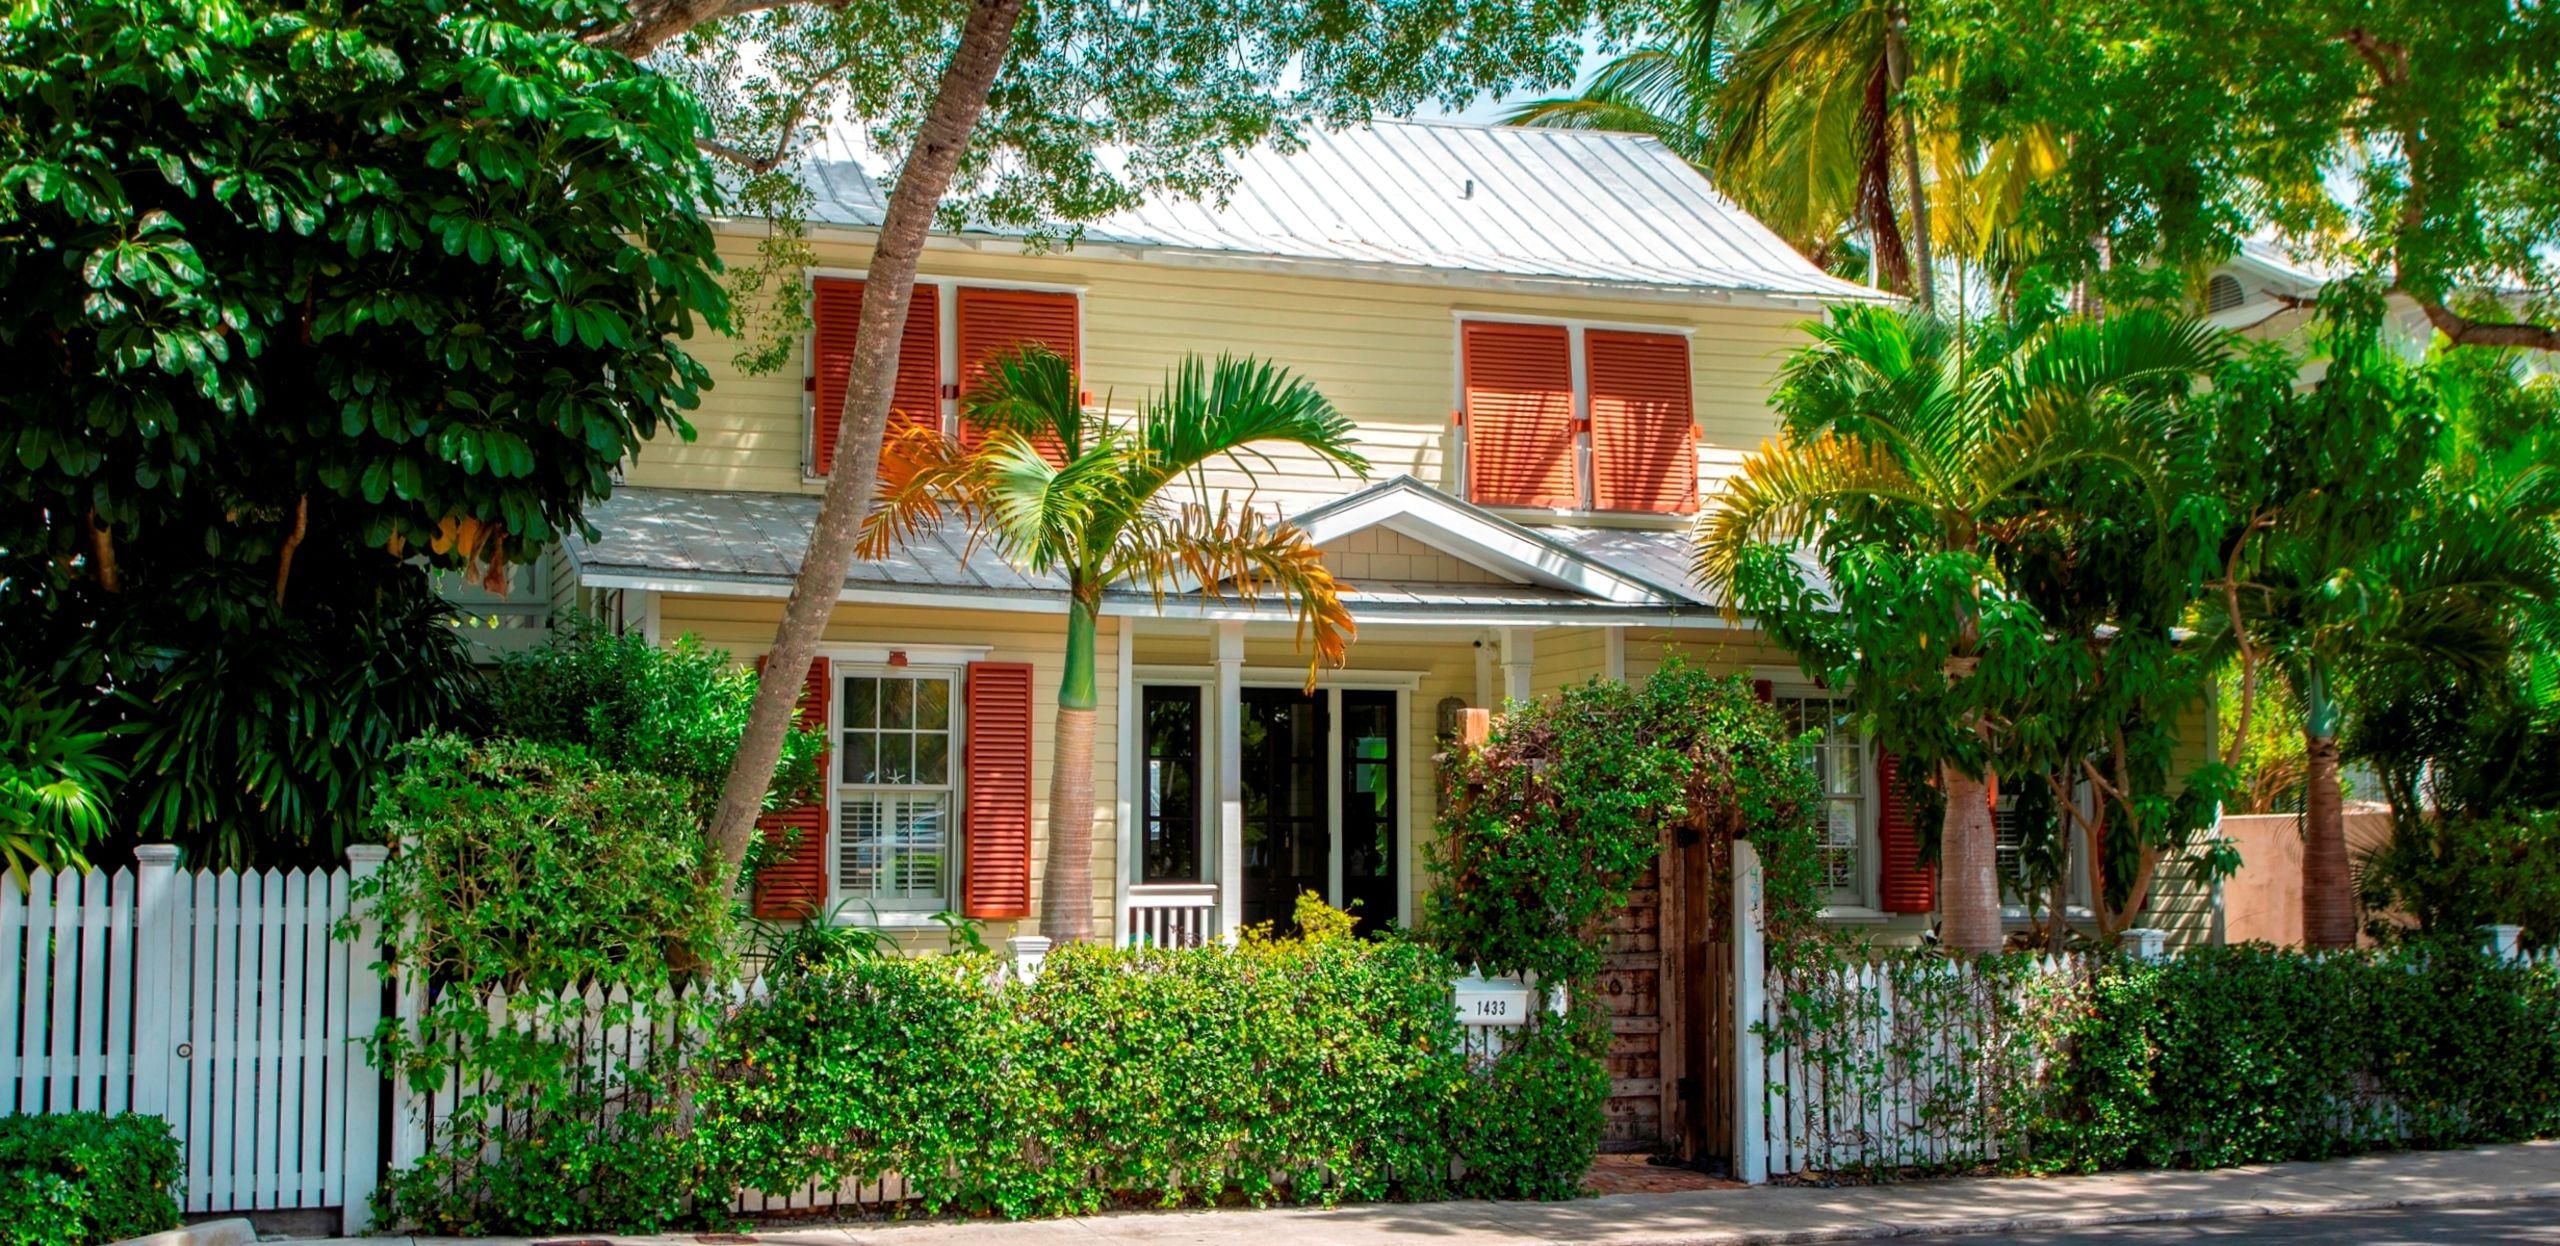 1433 Reynolds St., Key West - Now $2,090.000